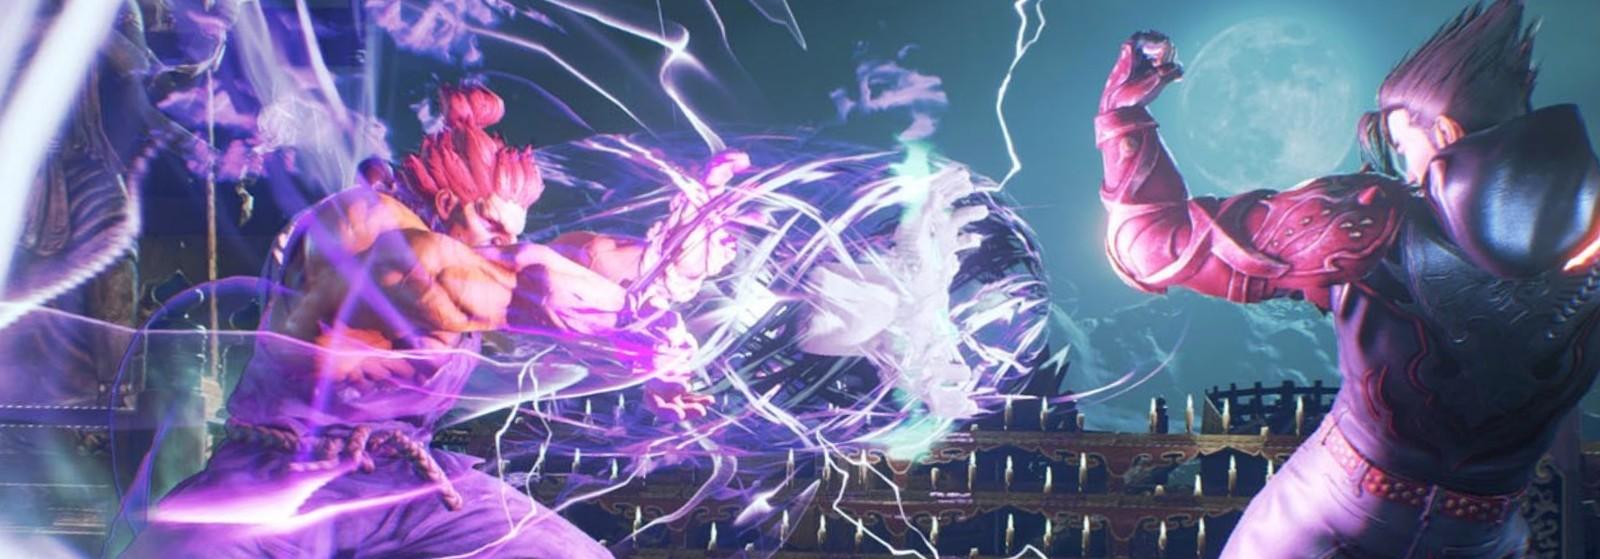 Tekken 7 (Rematch Edition) Steam Key GLOBAL